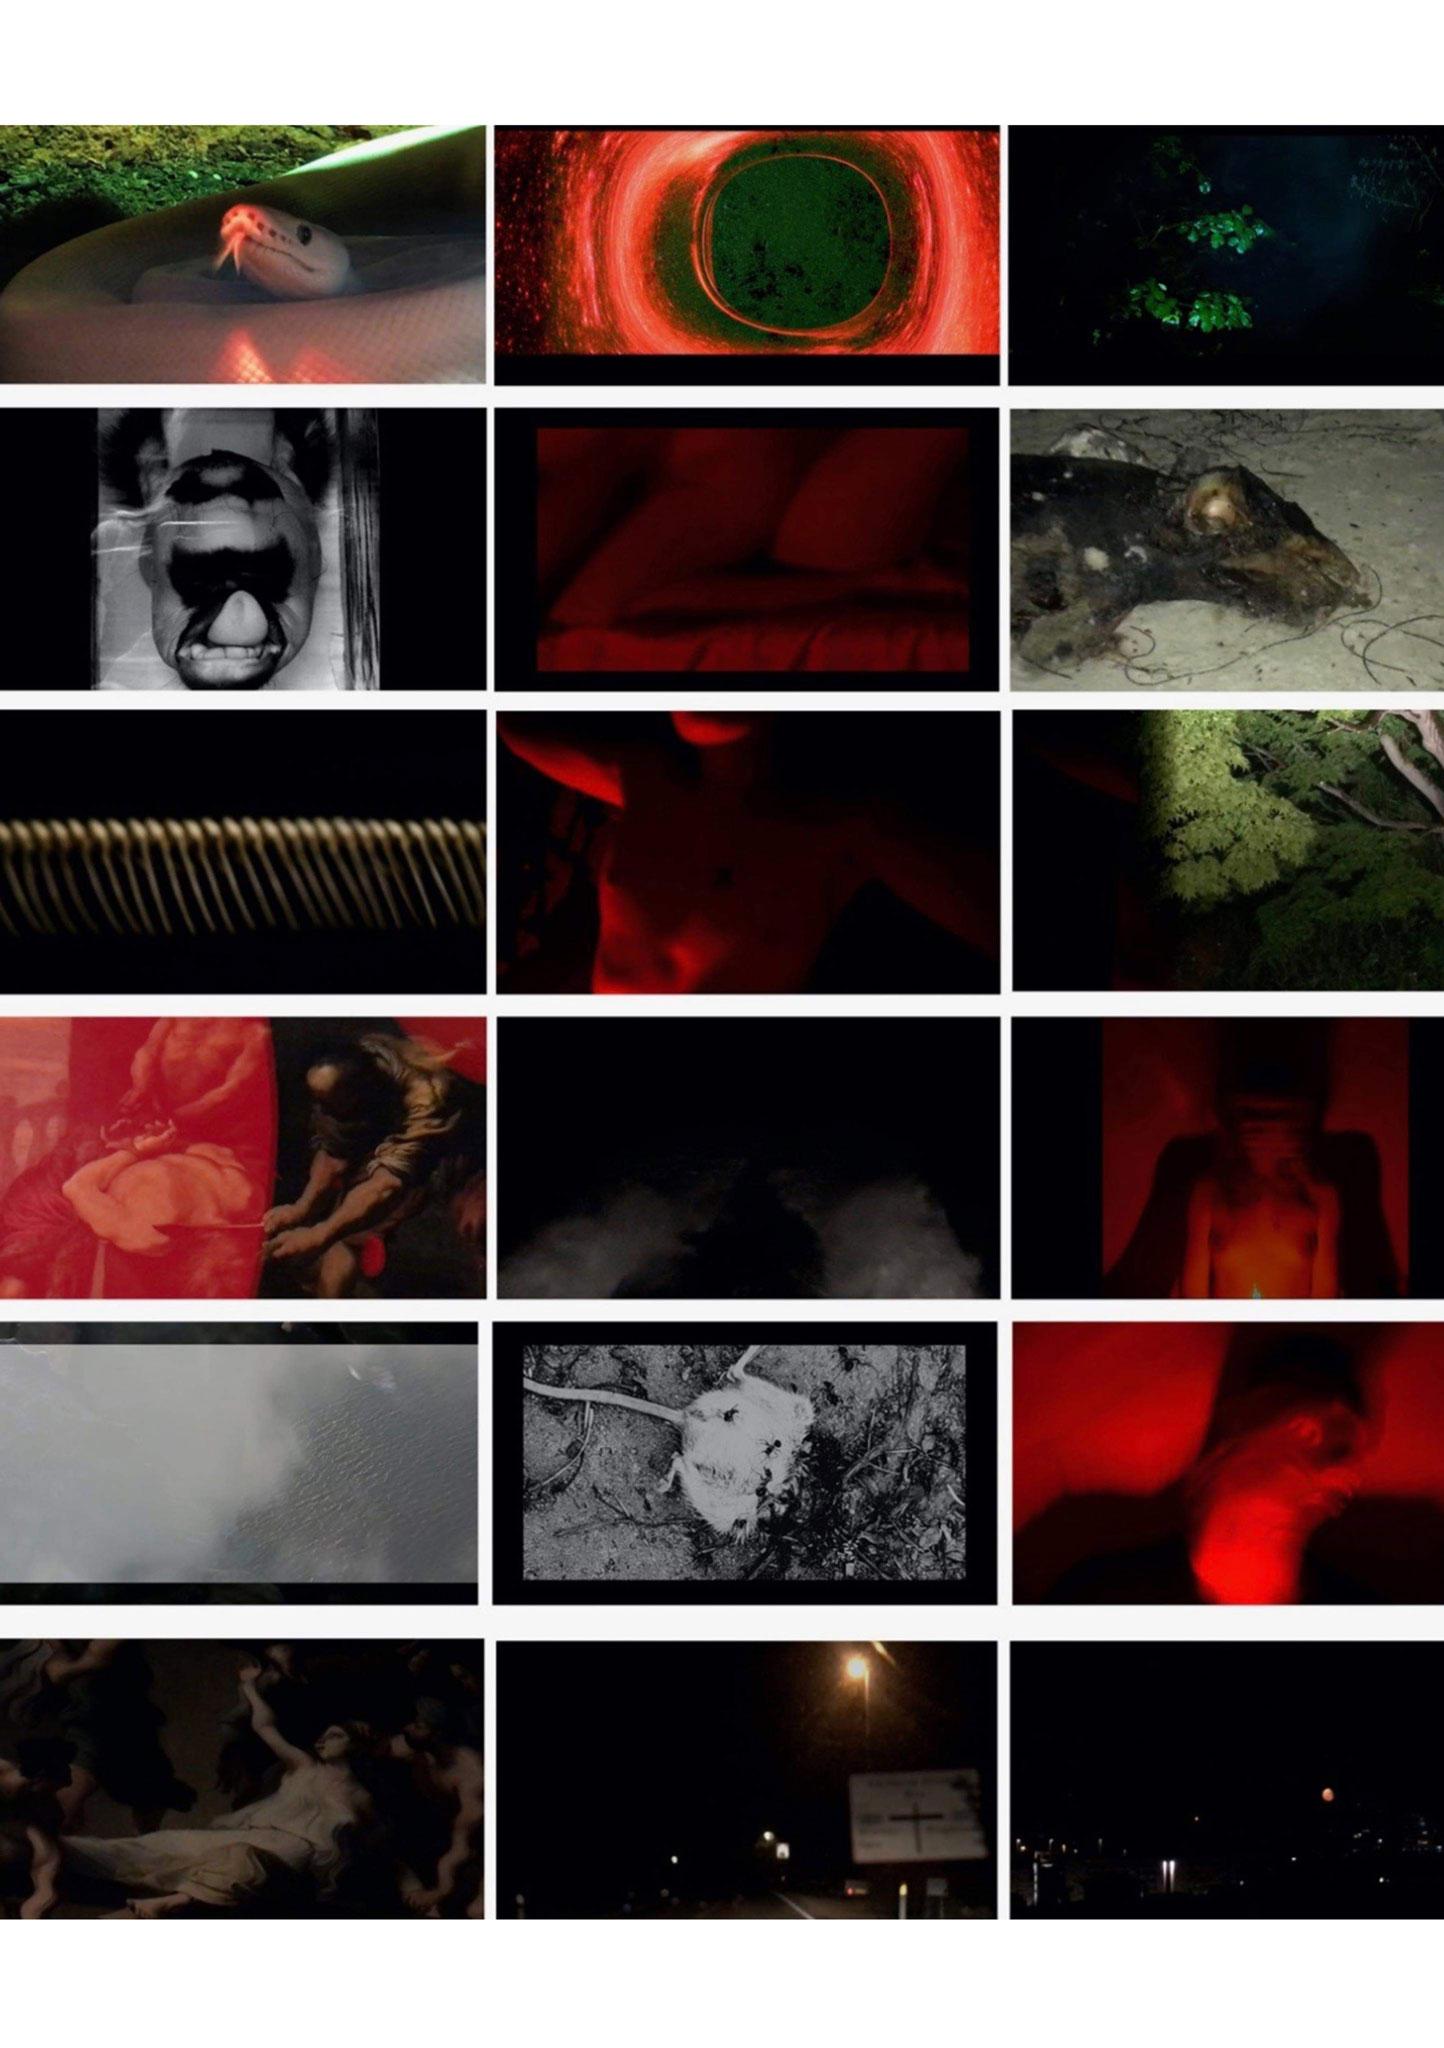 """Film stills, """"pity fear catharsis"""", Line Myhlendorph, Springbrættet 6a, Udstilling *01"""